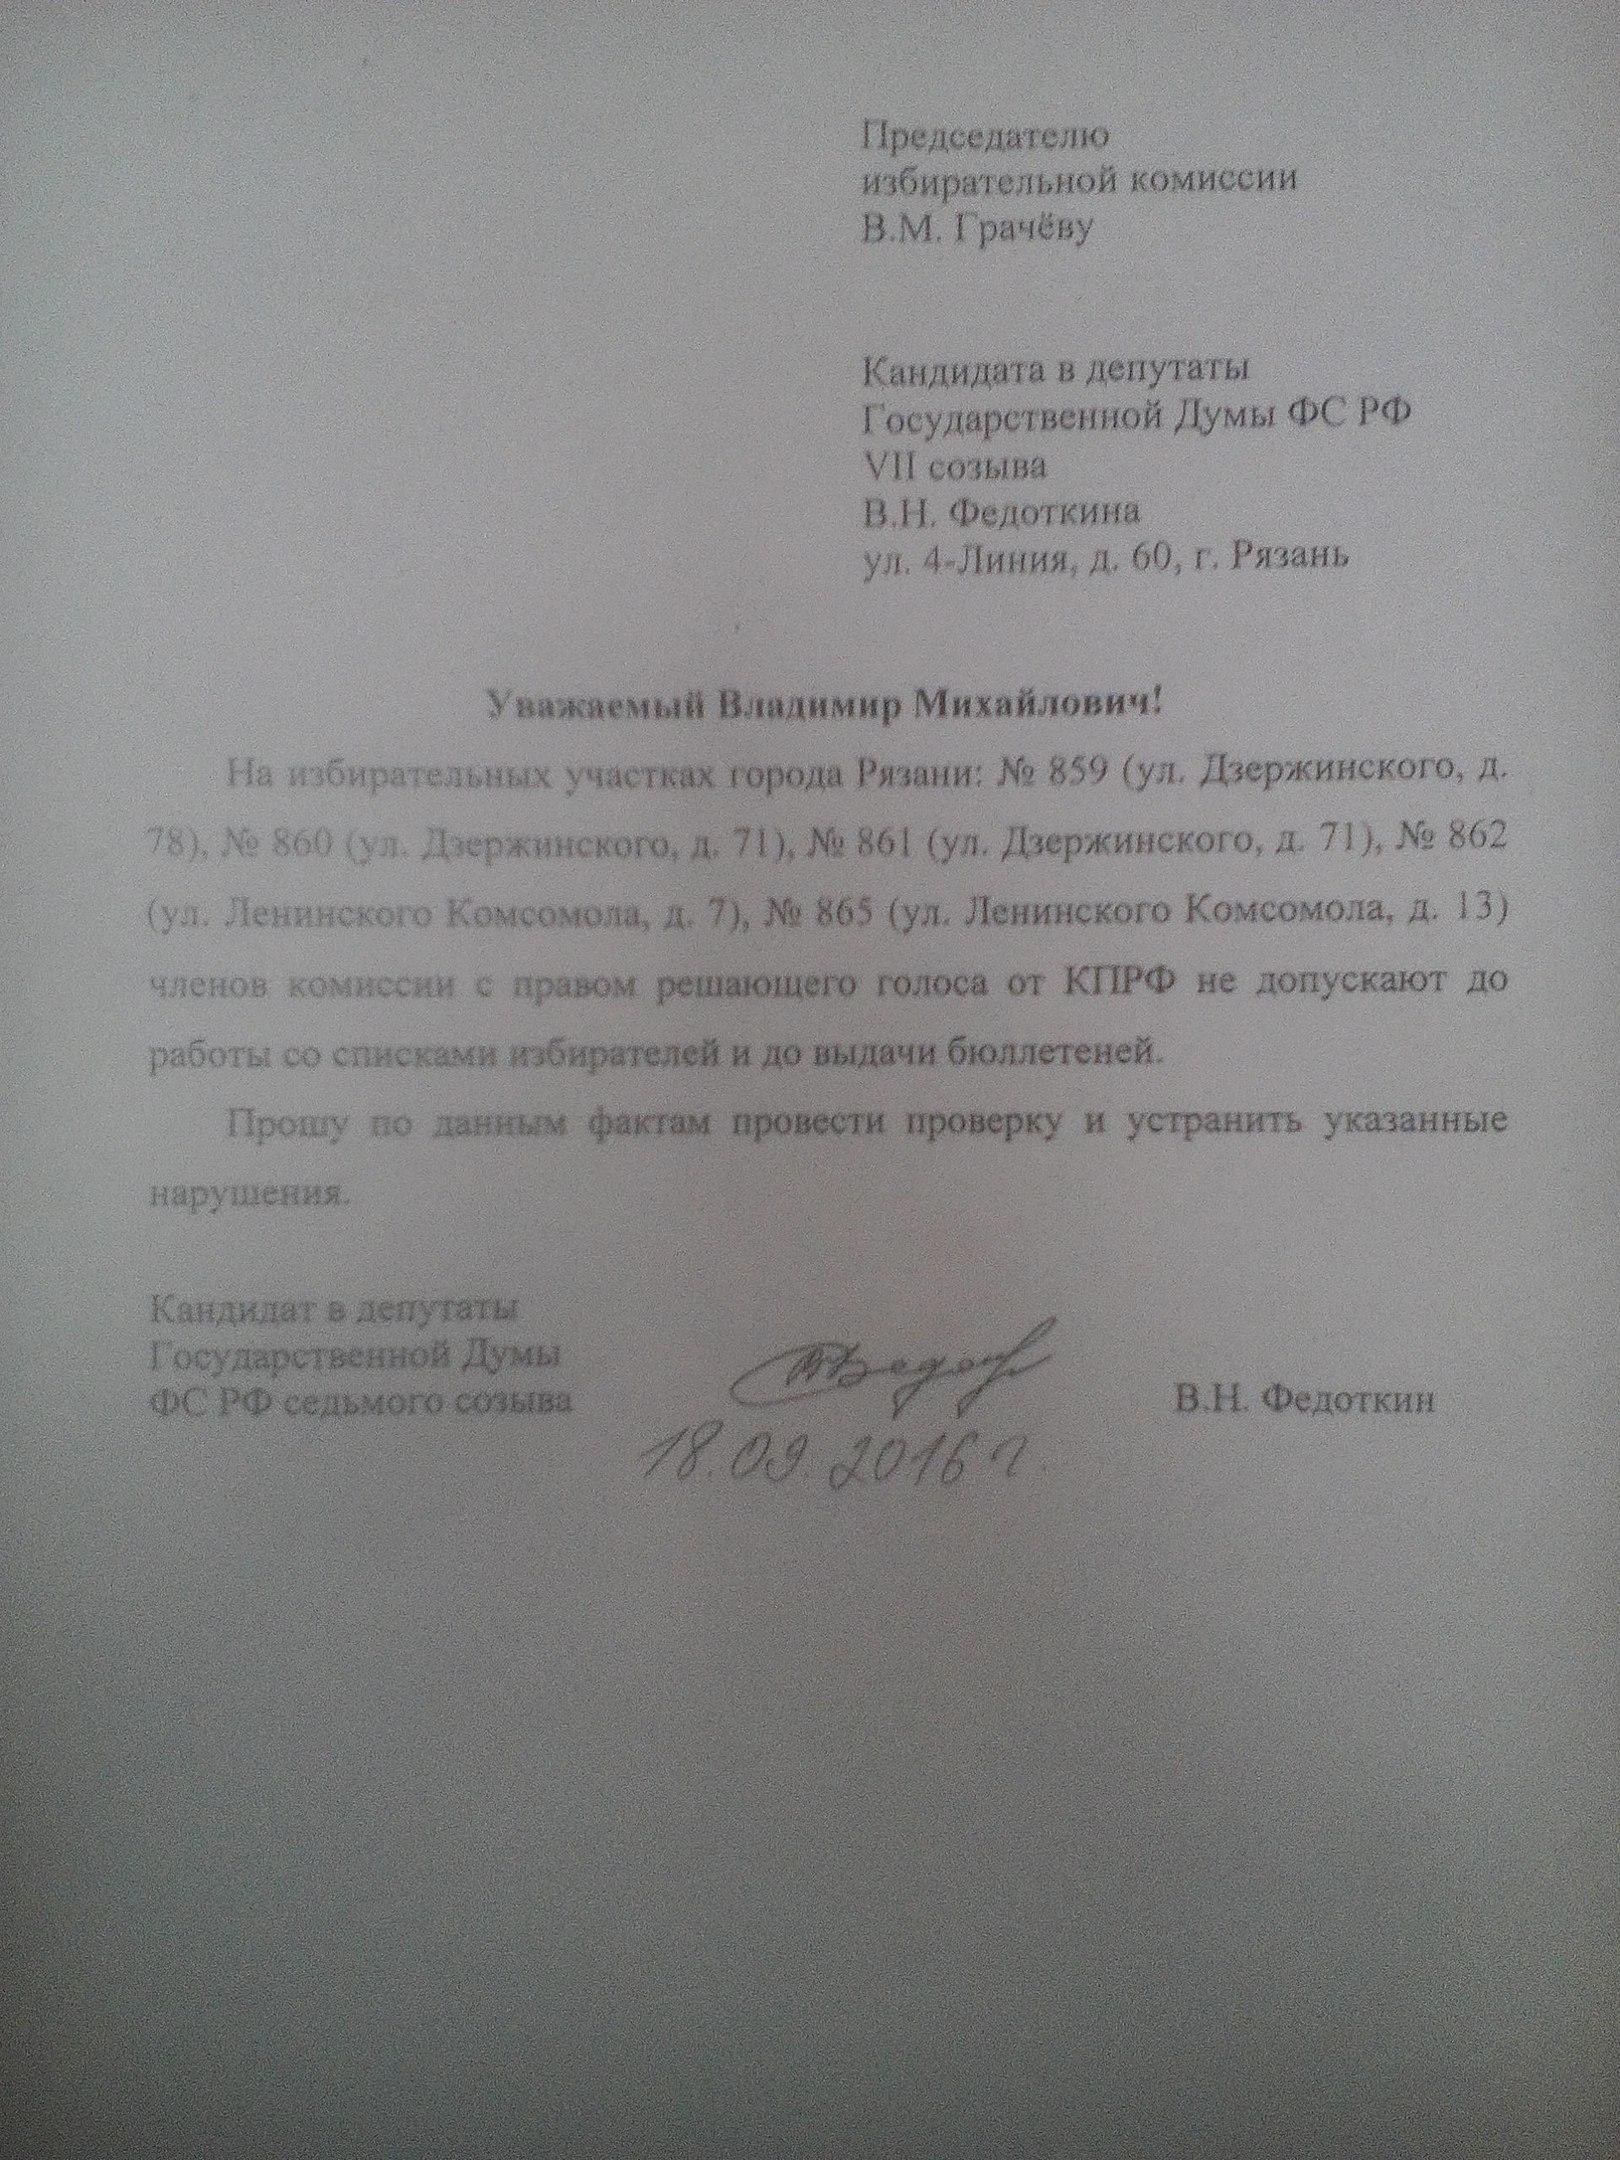 Членов УИК от КПРФ не допускают к работе со списками избирателей